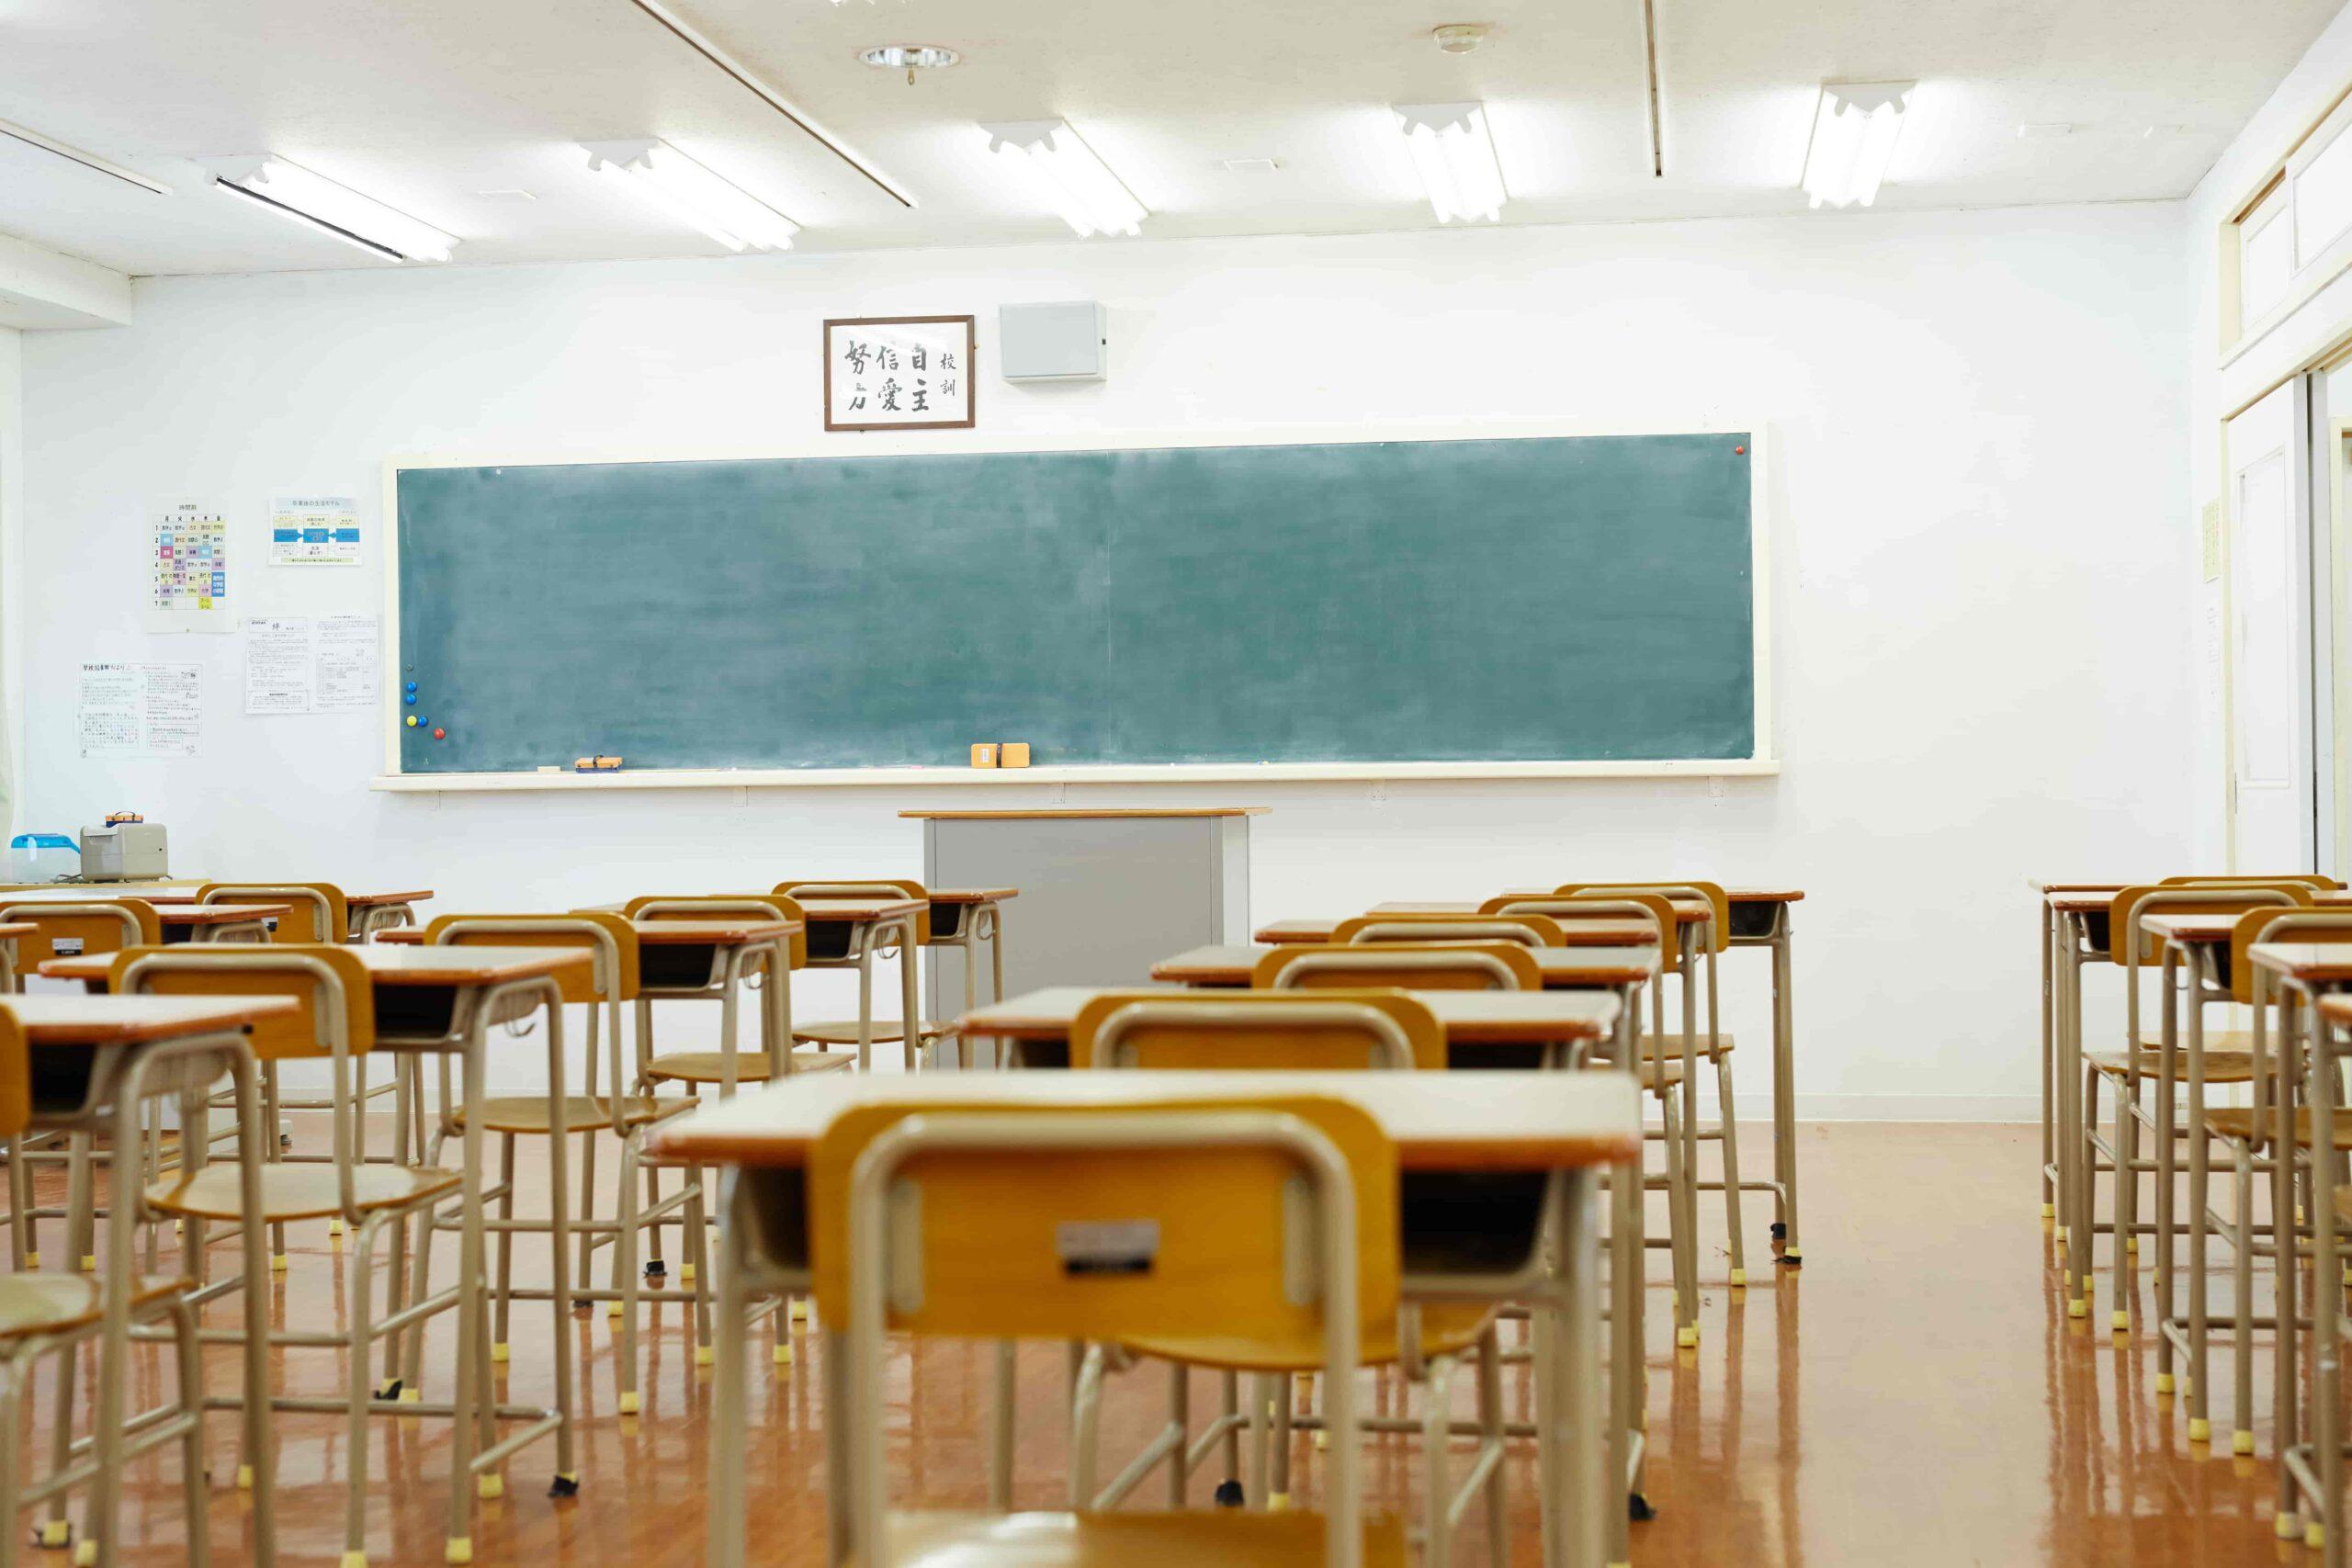 学校は一つの教室に数十人が集まり、人との距離も近い